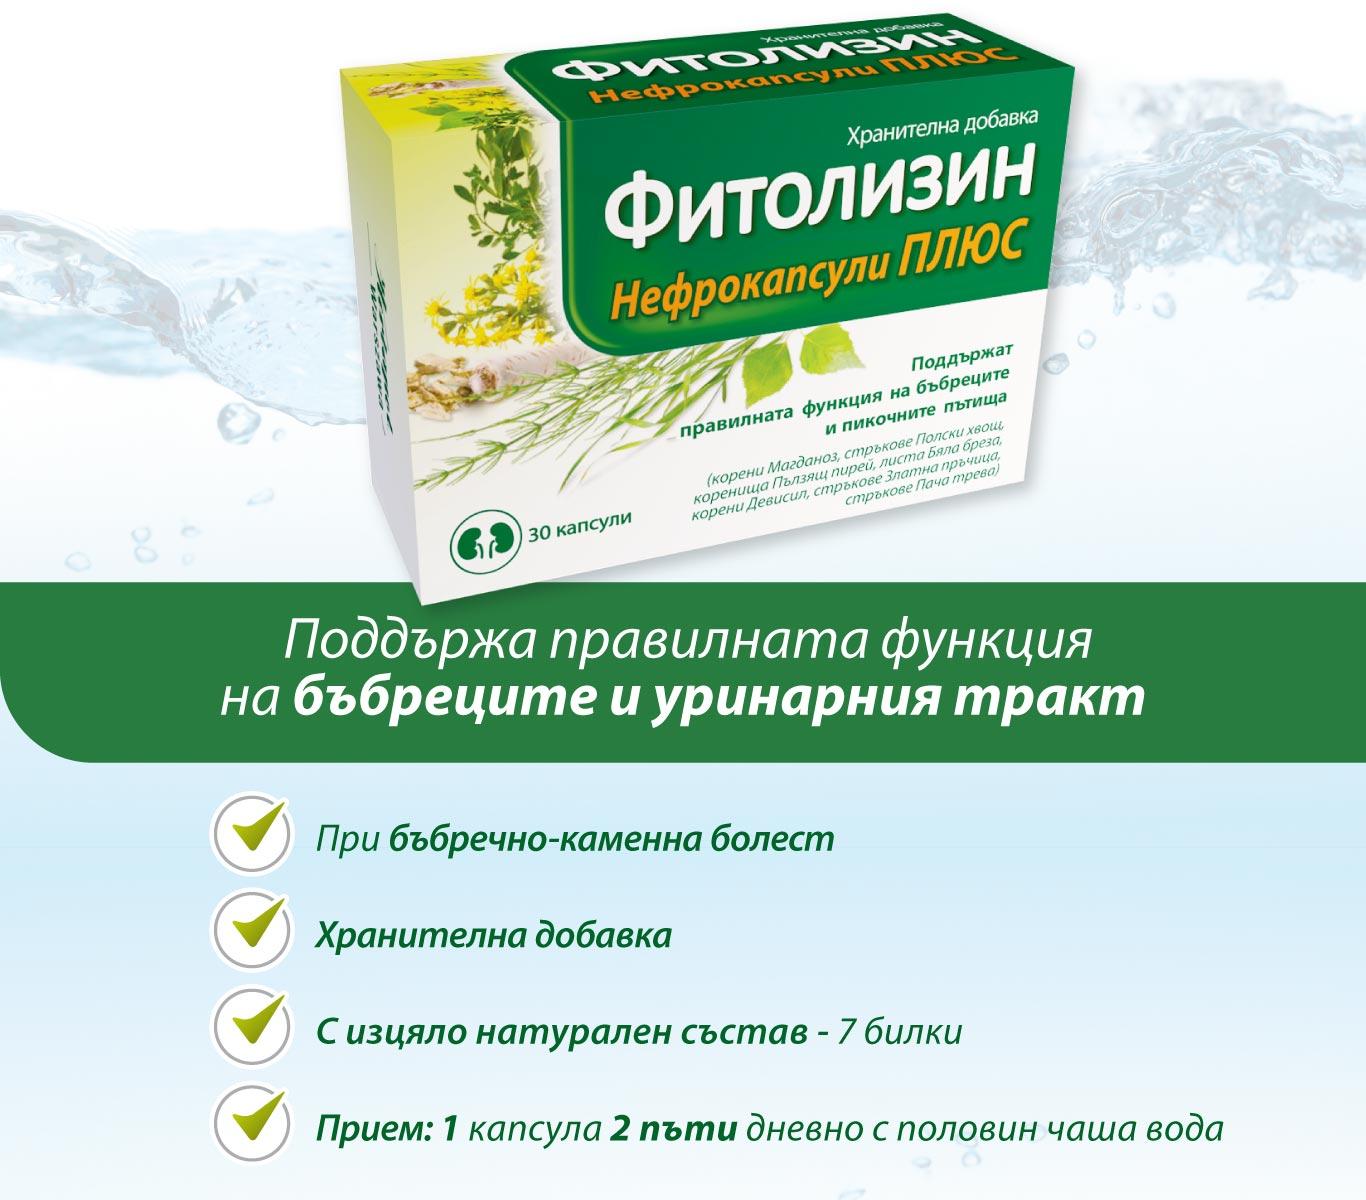 Фитолизин Нефрокапсули опаковка